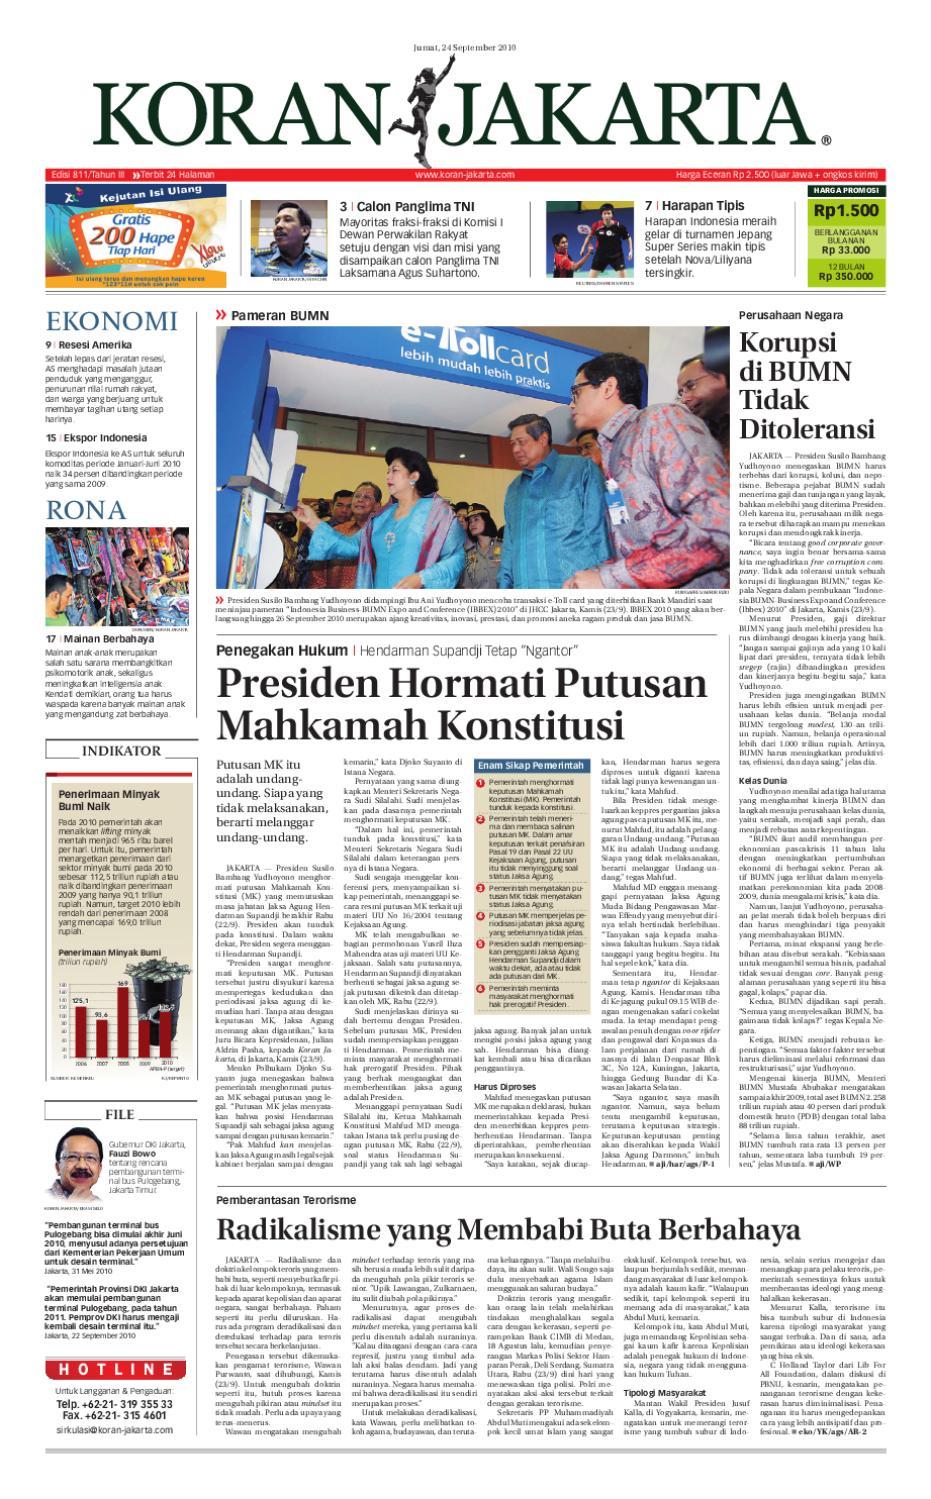 EDISI 811 24 SEPTEMBER 2010 By PT Berita Nusantara Issuu